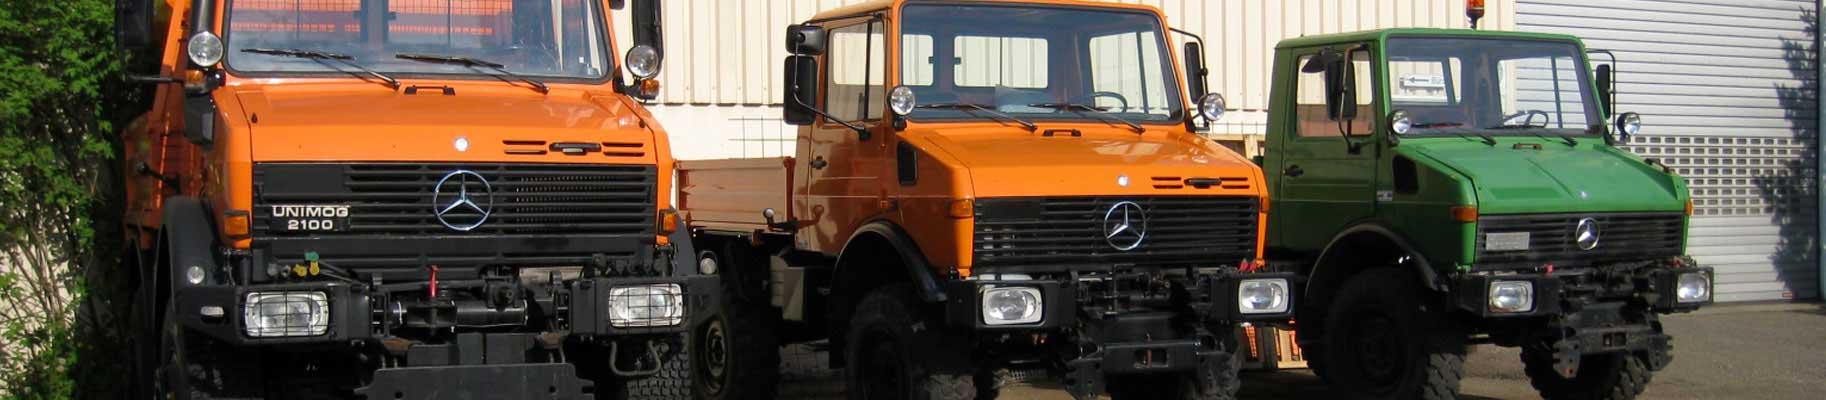 Unimog U2100 , Unimog U1200 , Unimog U1000